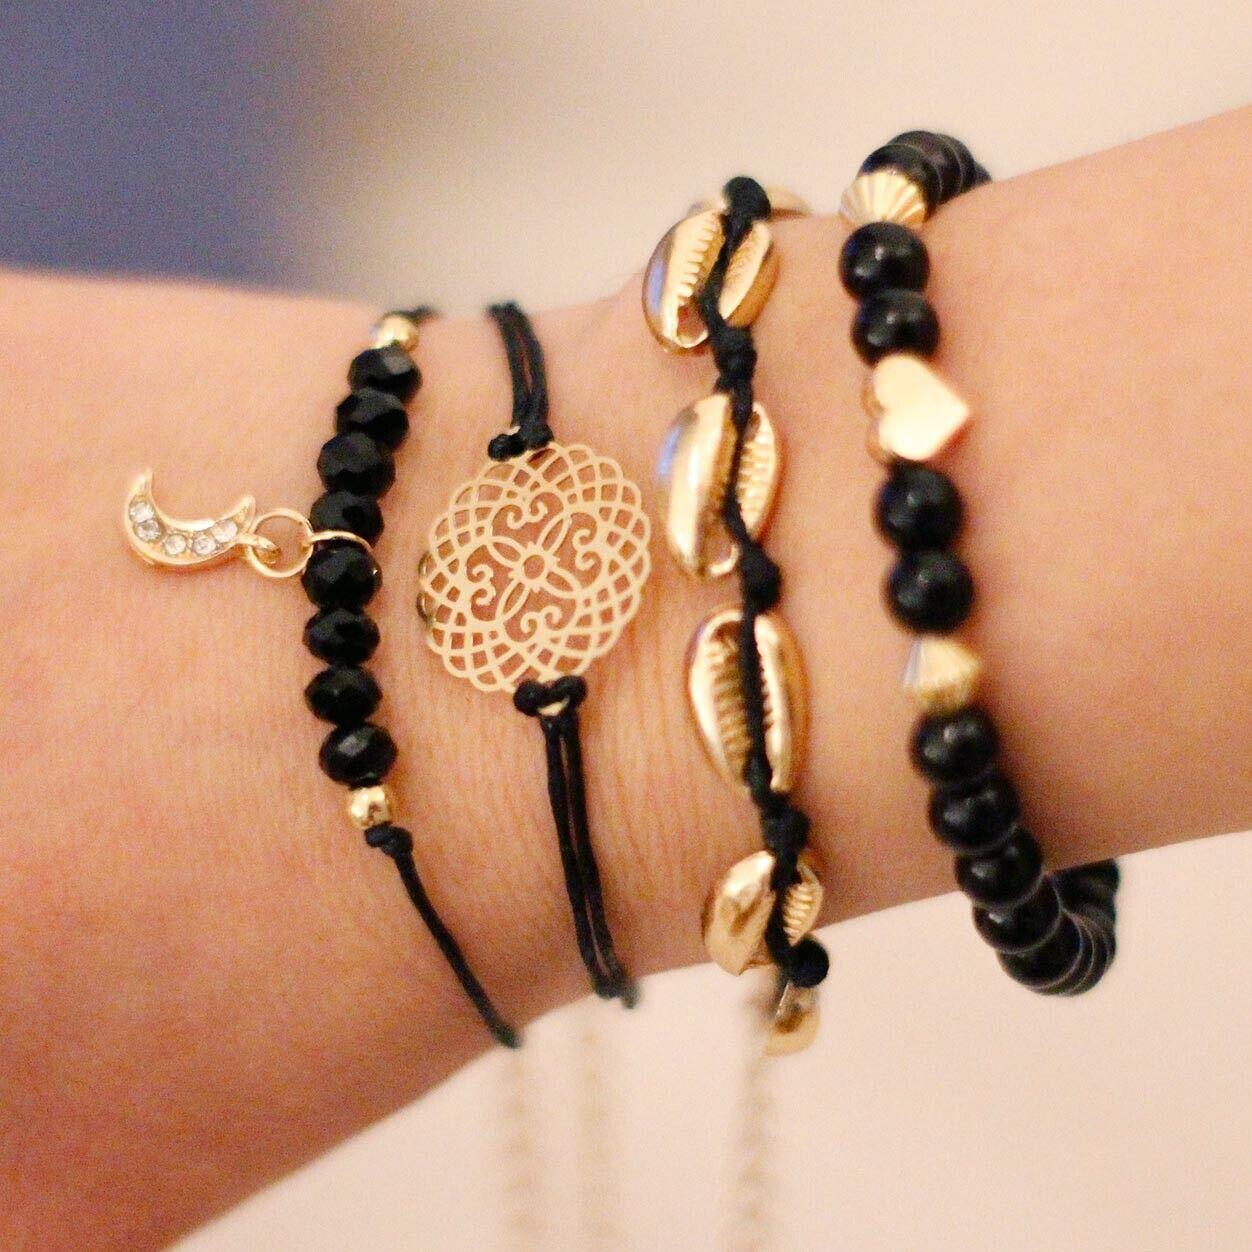 Armband Set Armreif Boho Shell Mandala Mond Herz Muscheln 4 Teile Schwarz Gold